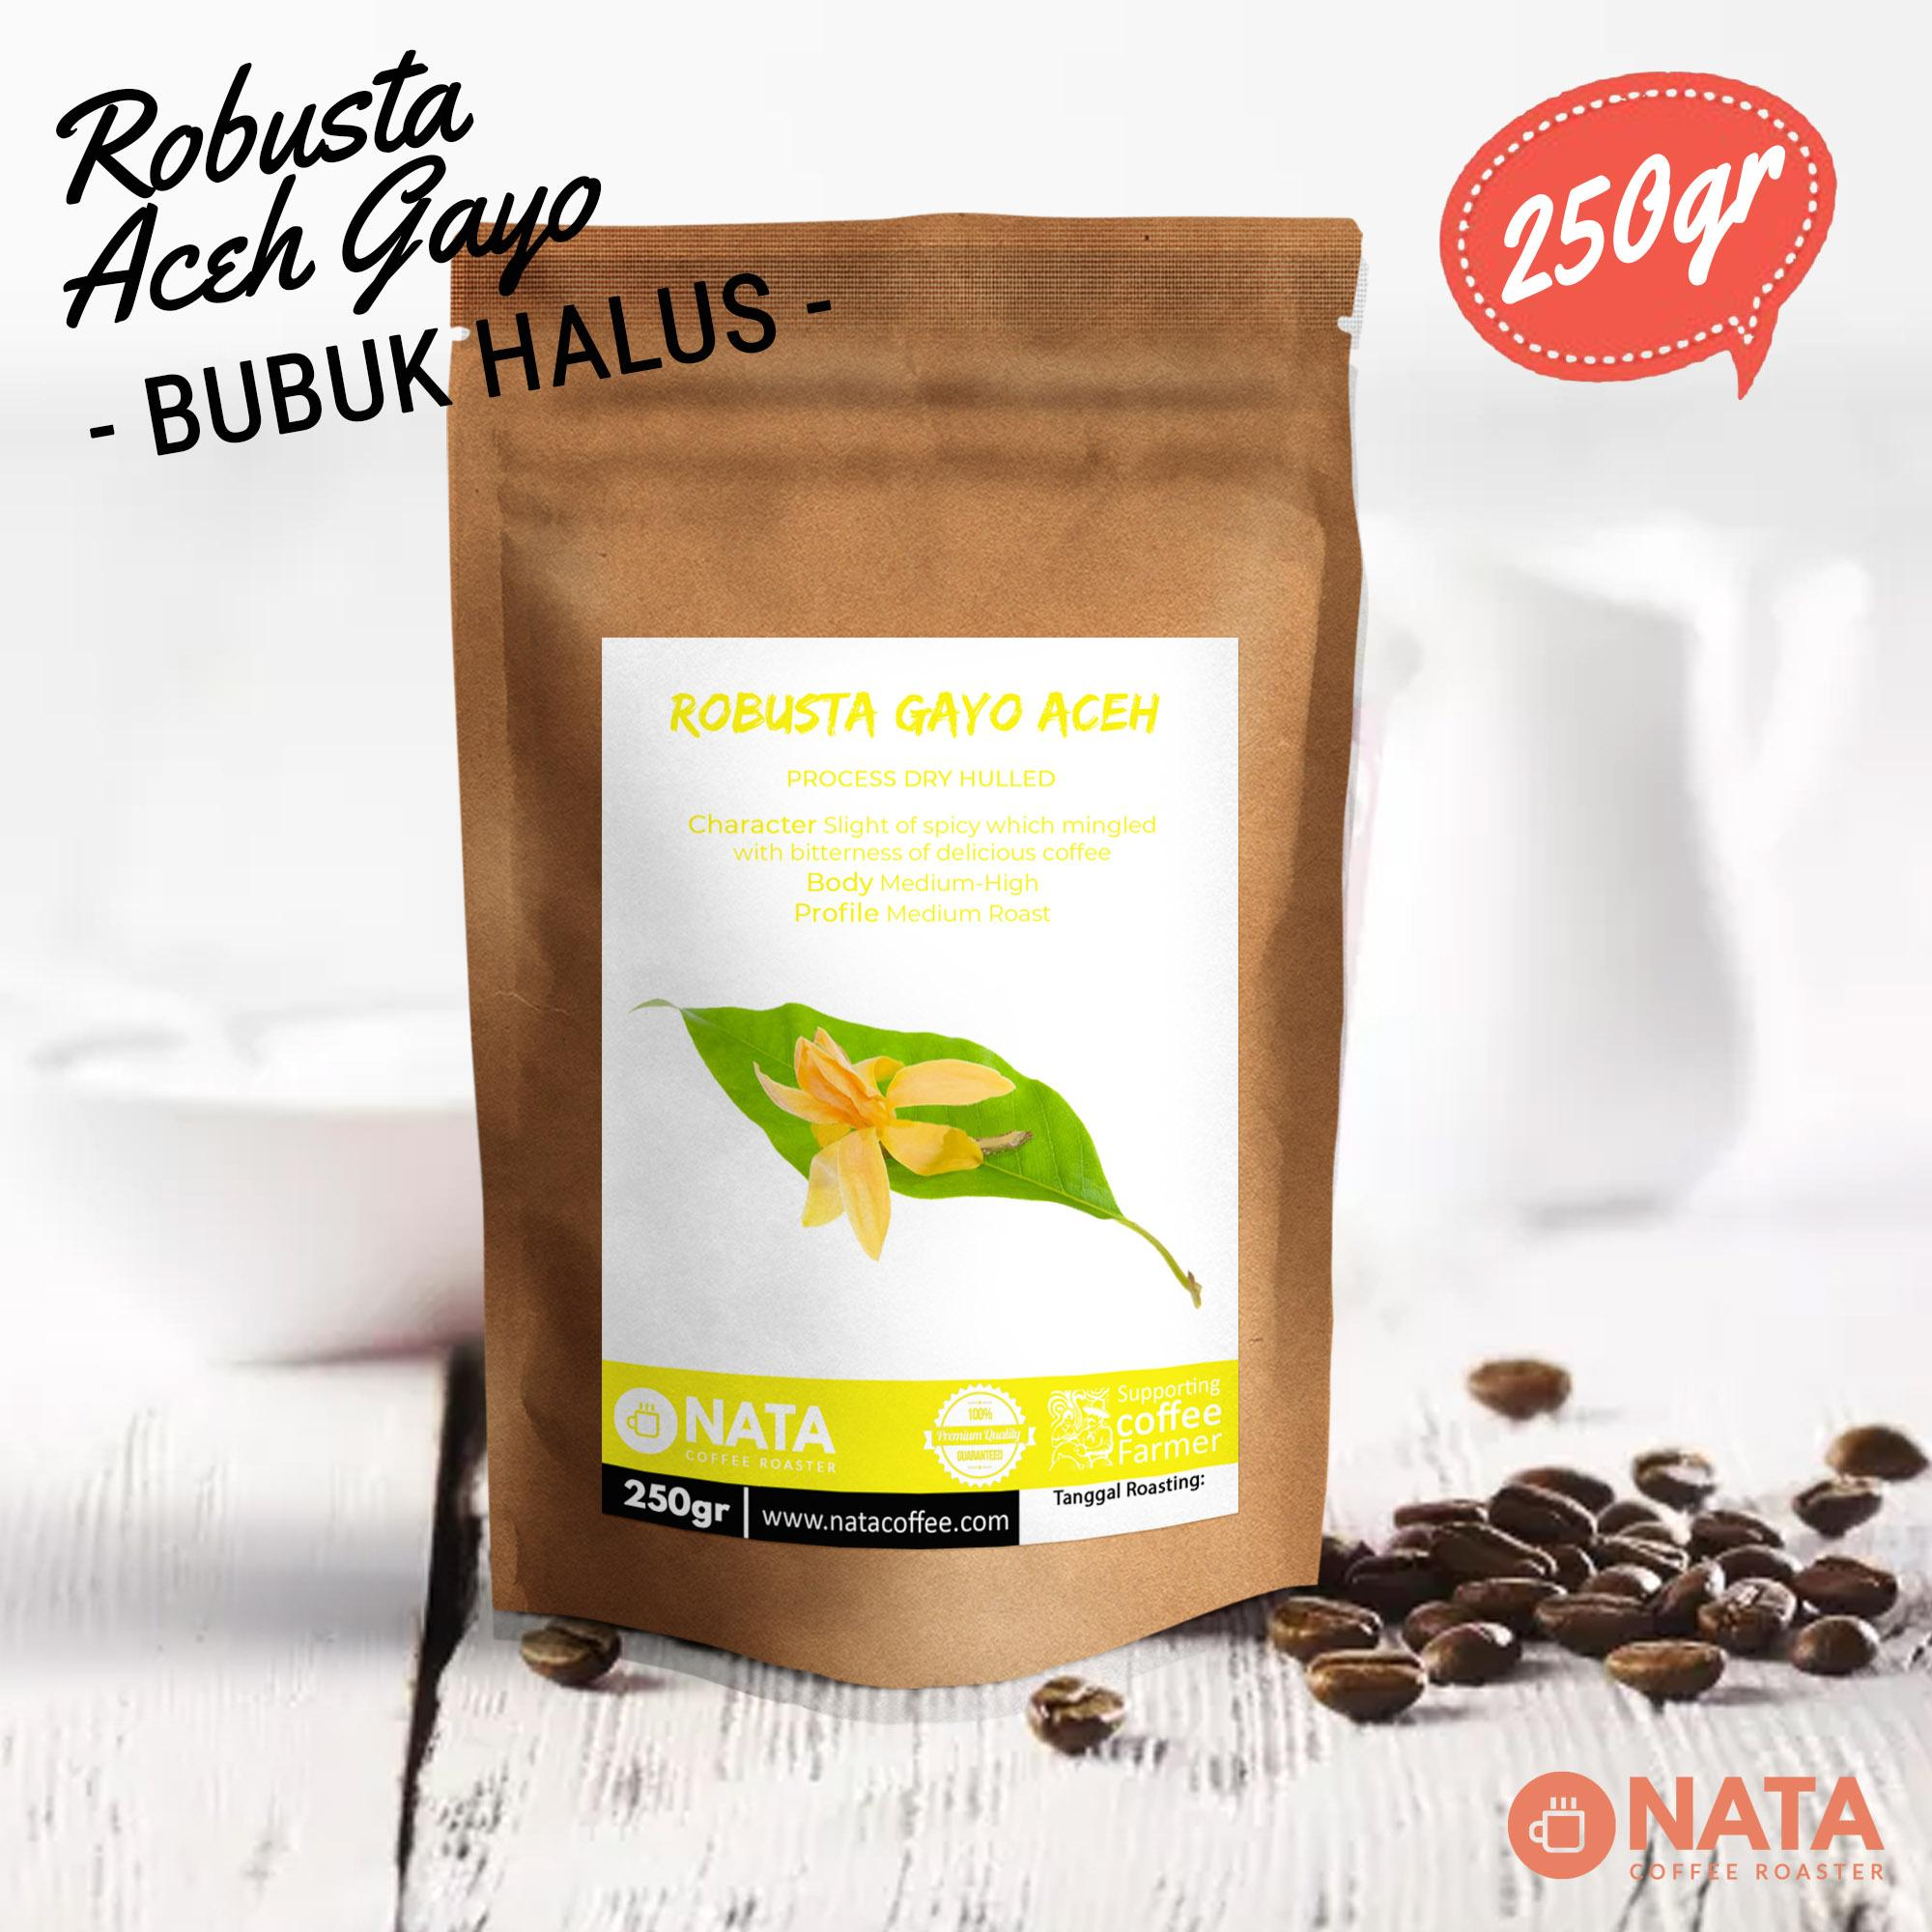 Gayo Land Coffee Kopi Robusta Super Ground 100gr Daftar Harga Premium 2pcs Idr 68000 Idr68000 View